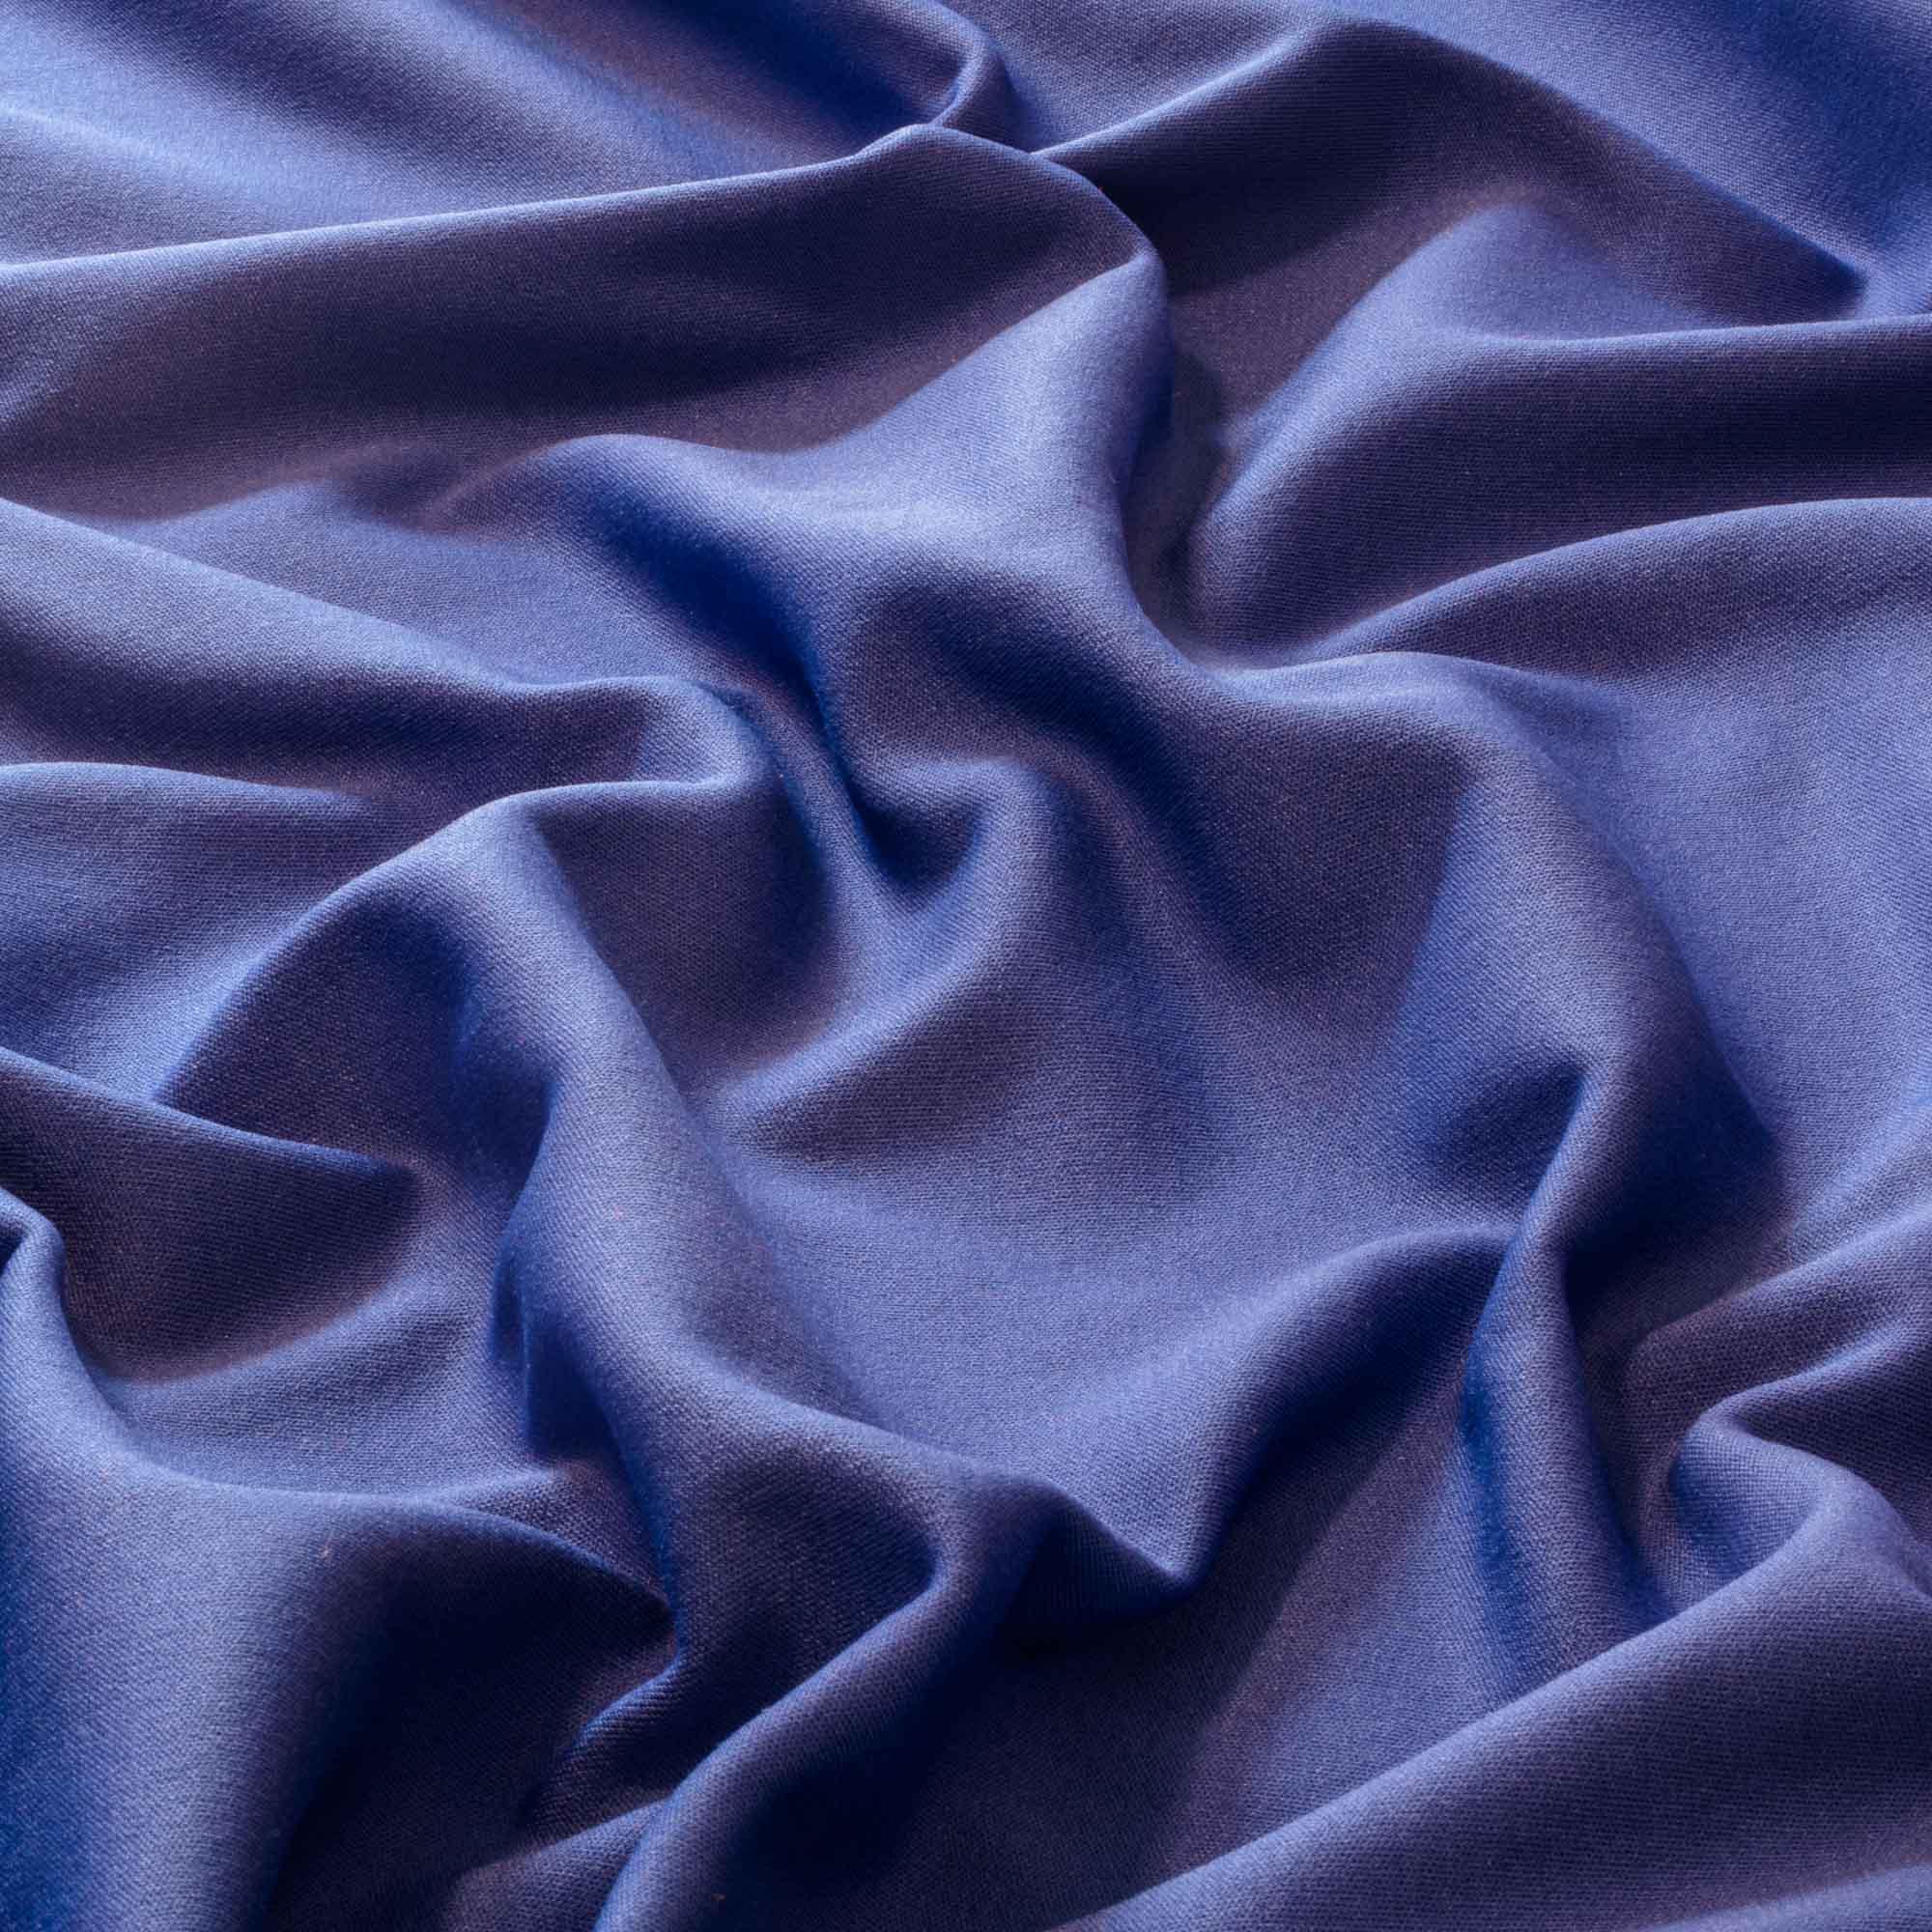 Tecido Moletom Azul Royal 100% Poliester 1,20 m Largura